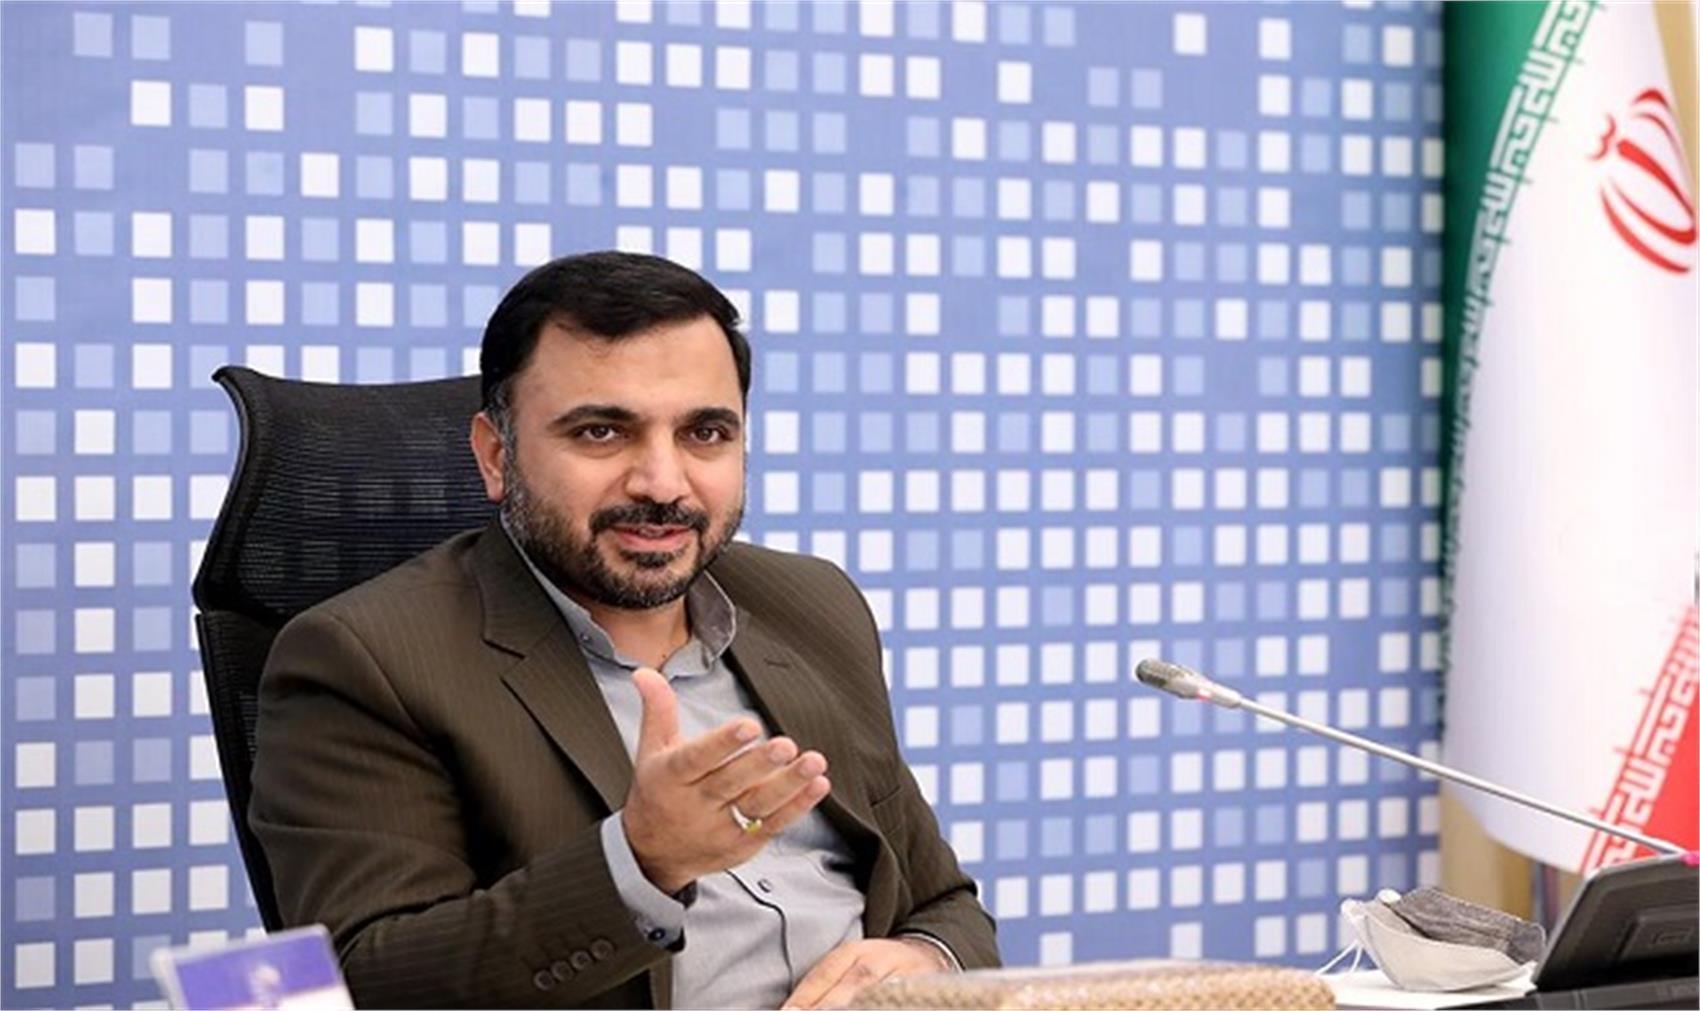 وزیر ارتباطات به رئیس پدافند غیرعامل: در زمینه حملات سایبری وزارت ارتباطات مسئولیتی ندارد